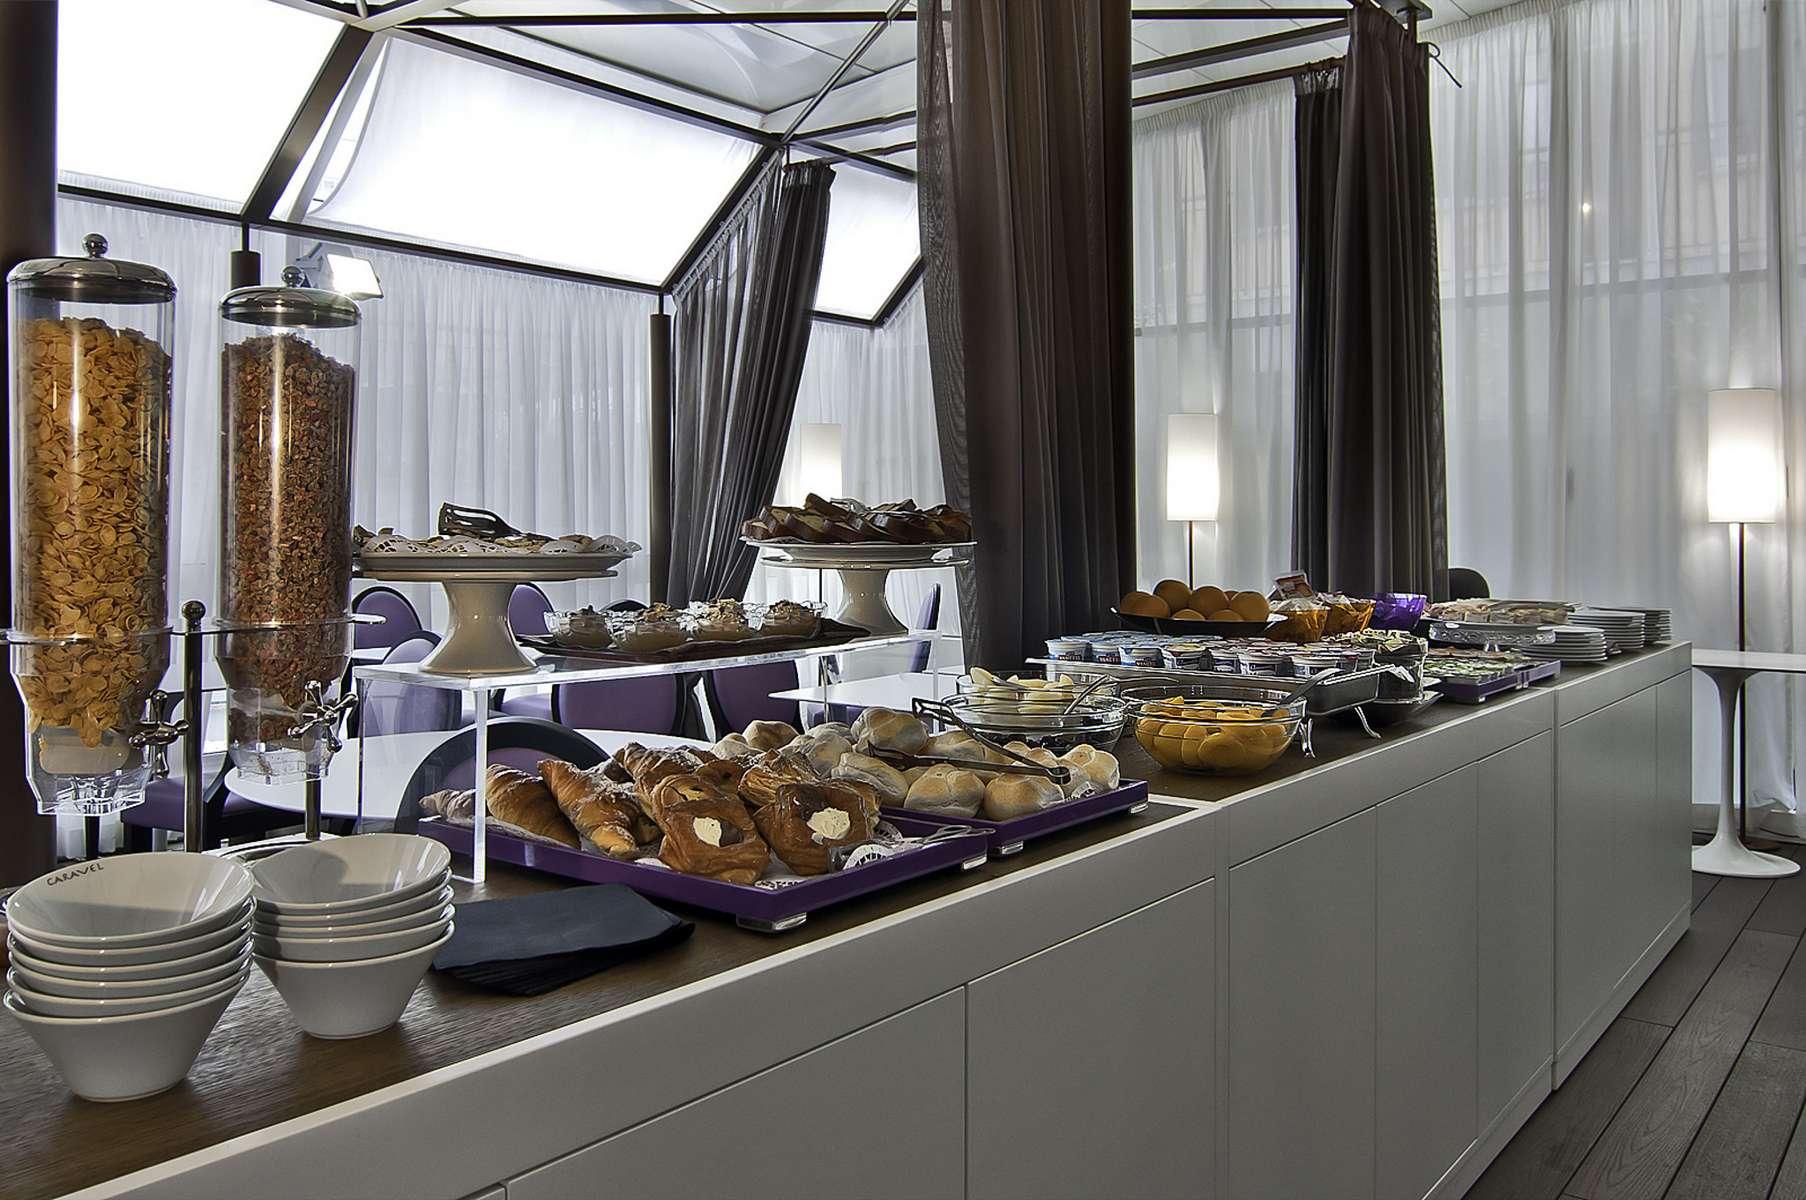 Hotel Caravel Rome Italy